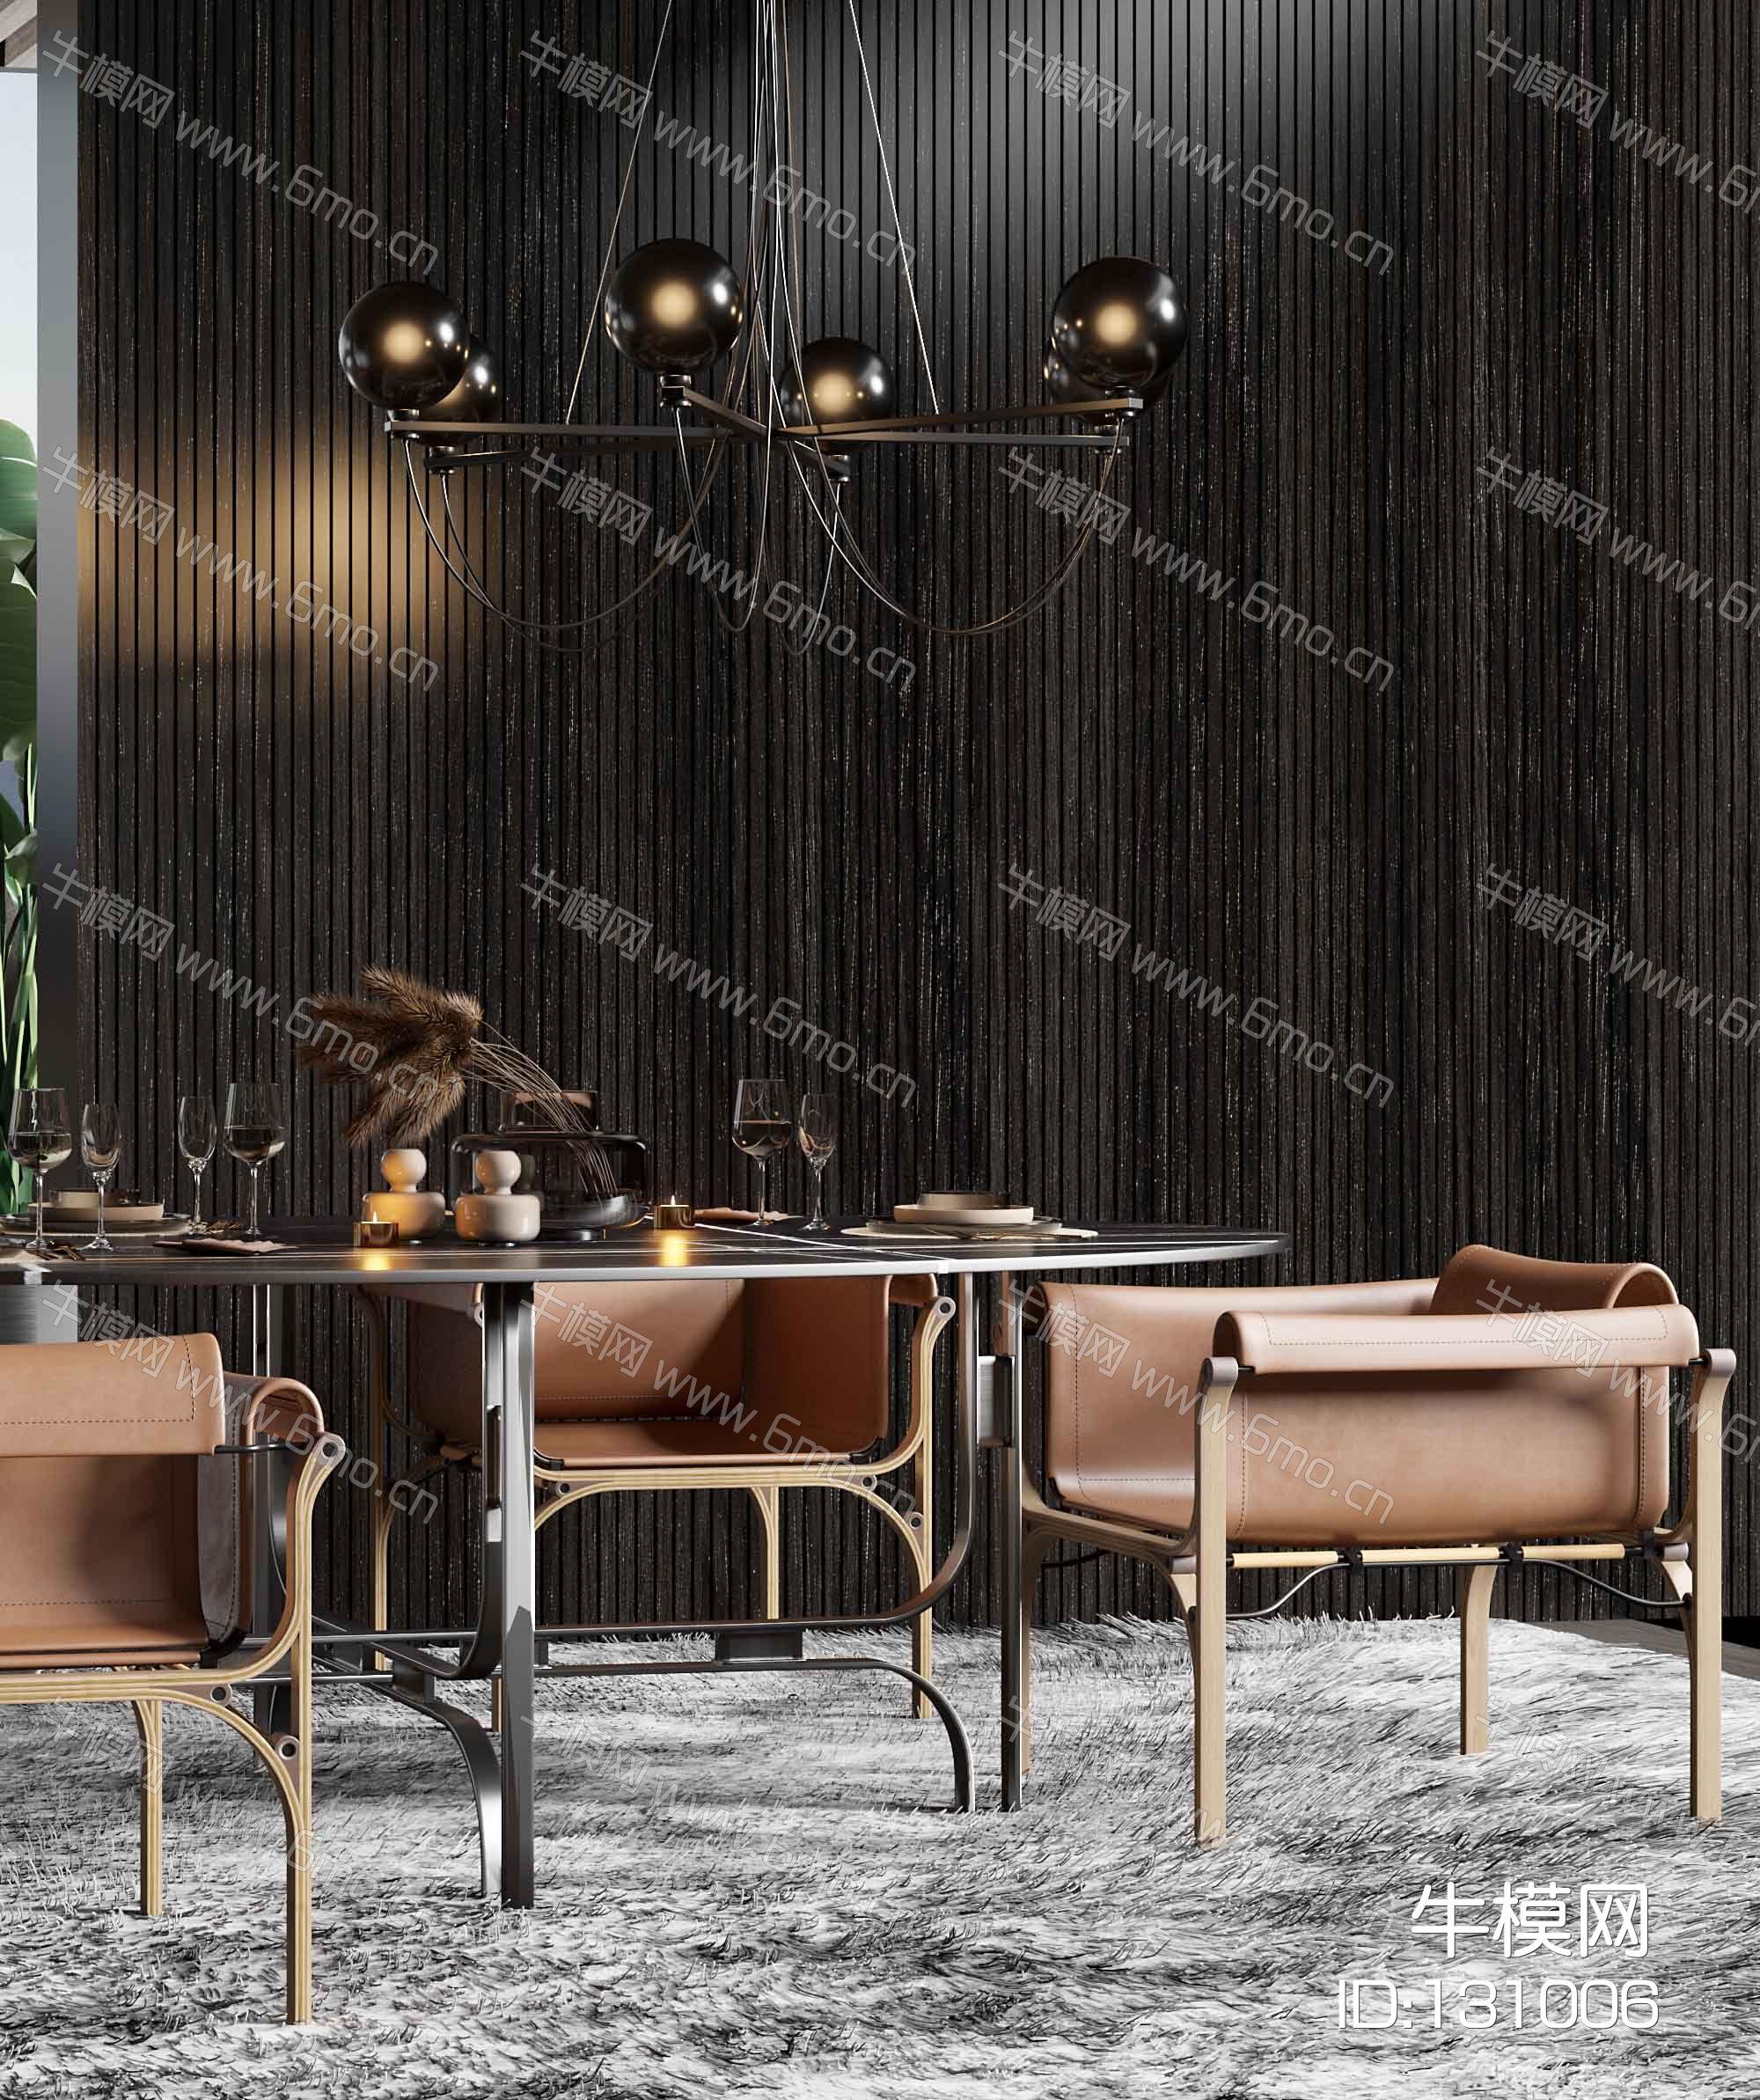 现代餐厅现代椭圆形大理石餐桌椅